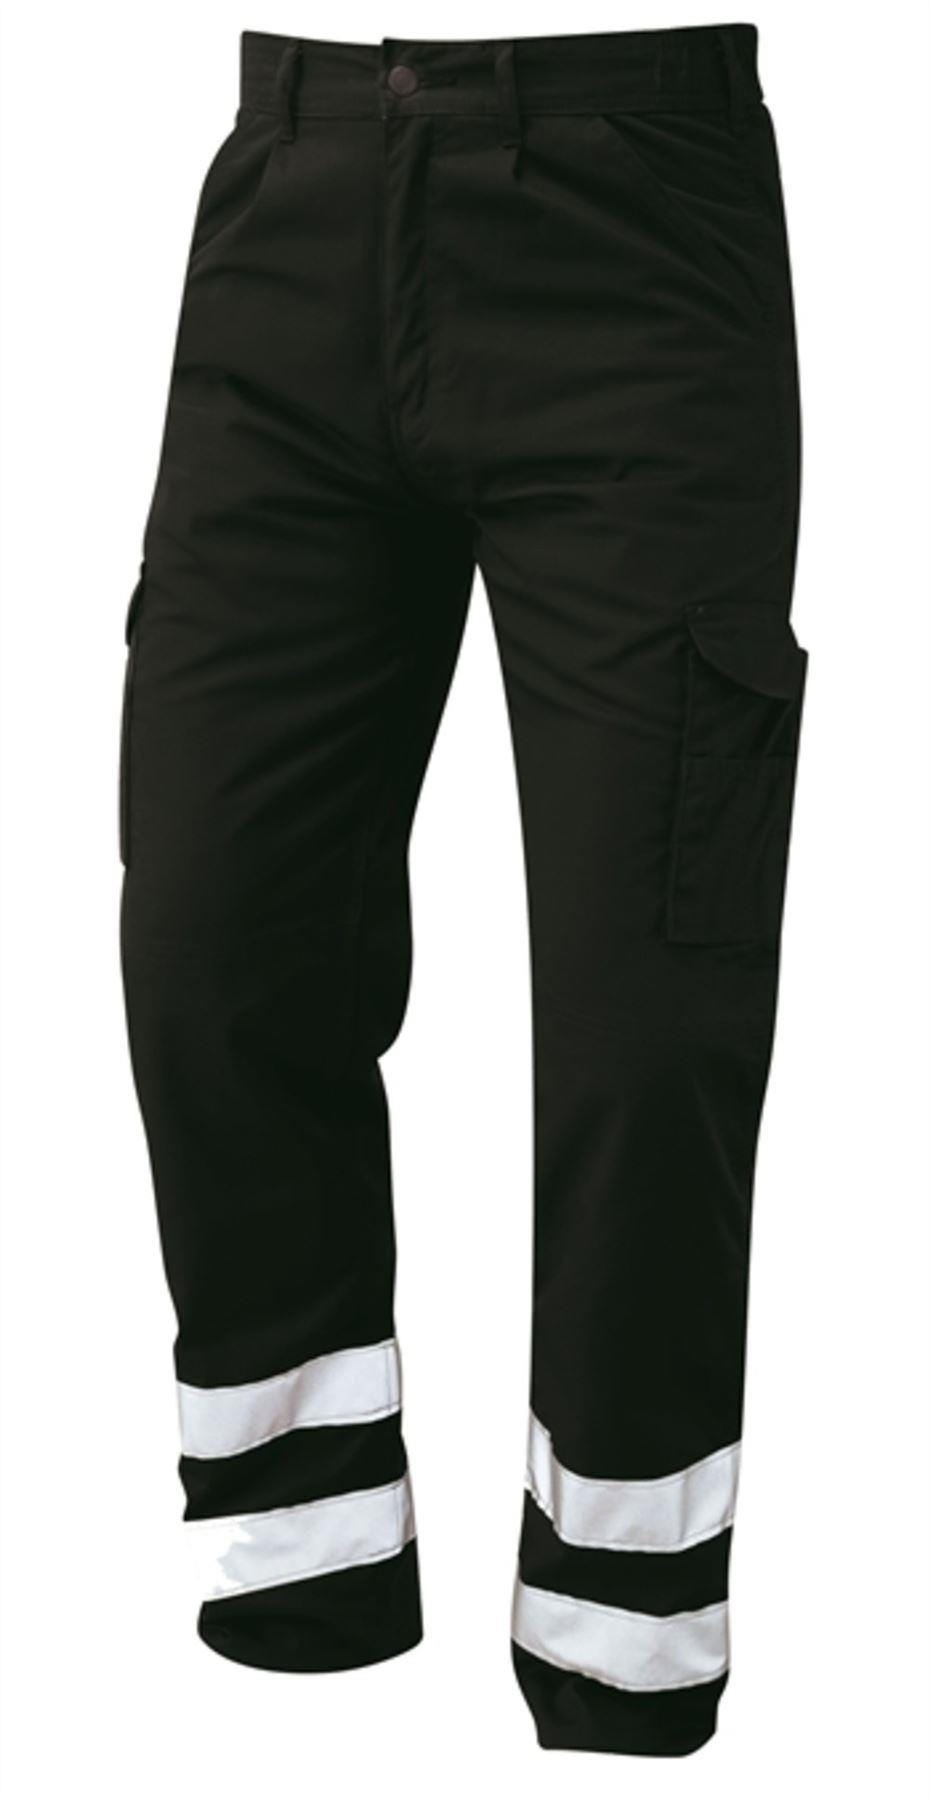 Orn Condor Hi Vis Kneepad Trousers - Black|46W35L